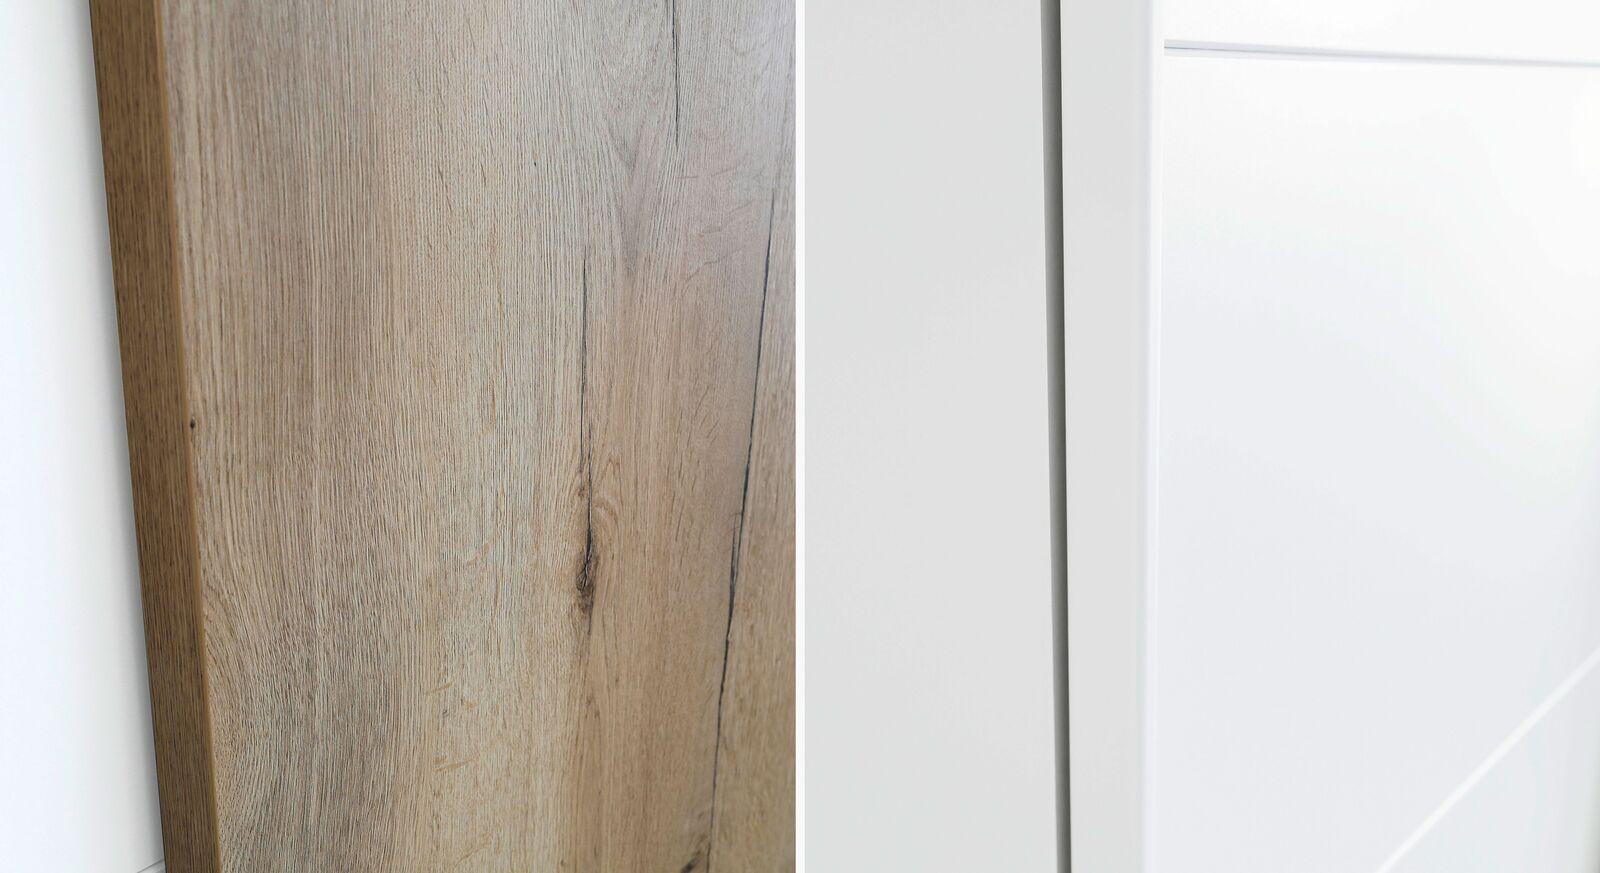 Schwebetüren-Kleiderschrank Leona Türen in Eiche Dekor und Weiß